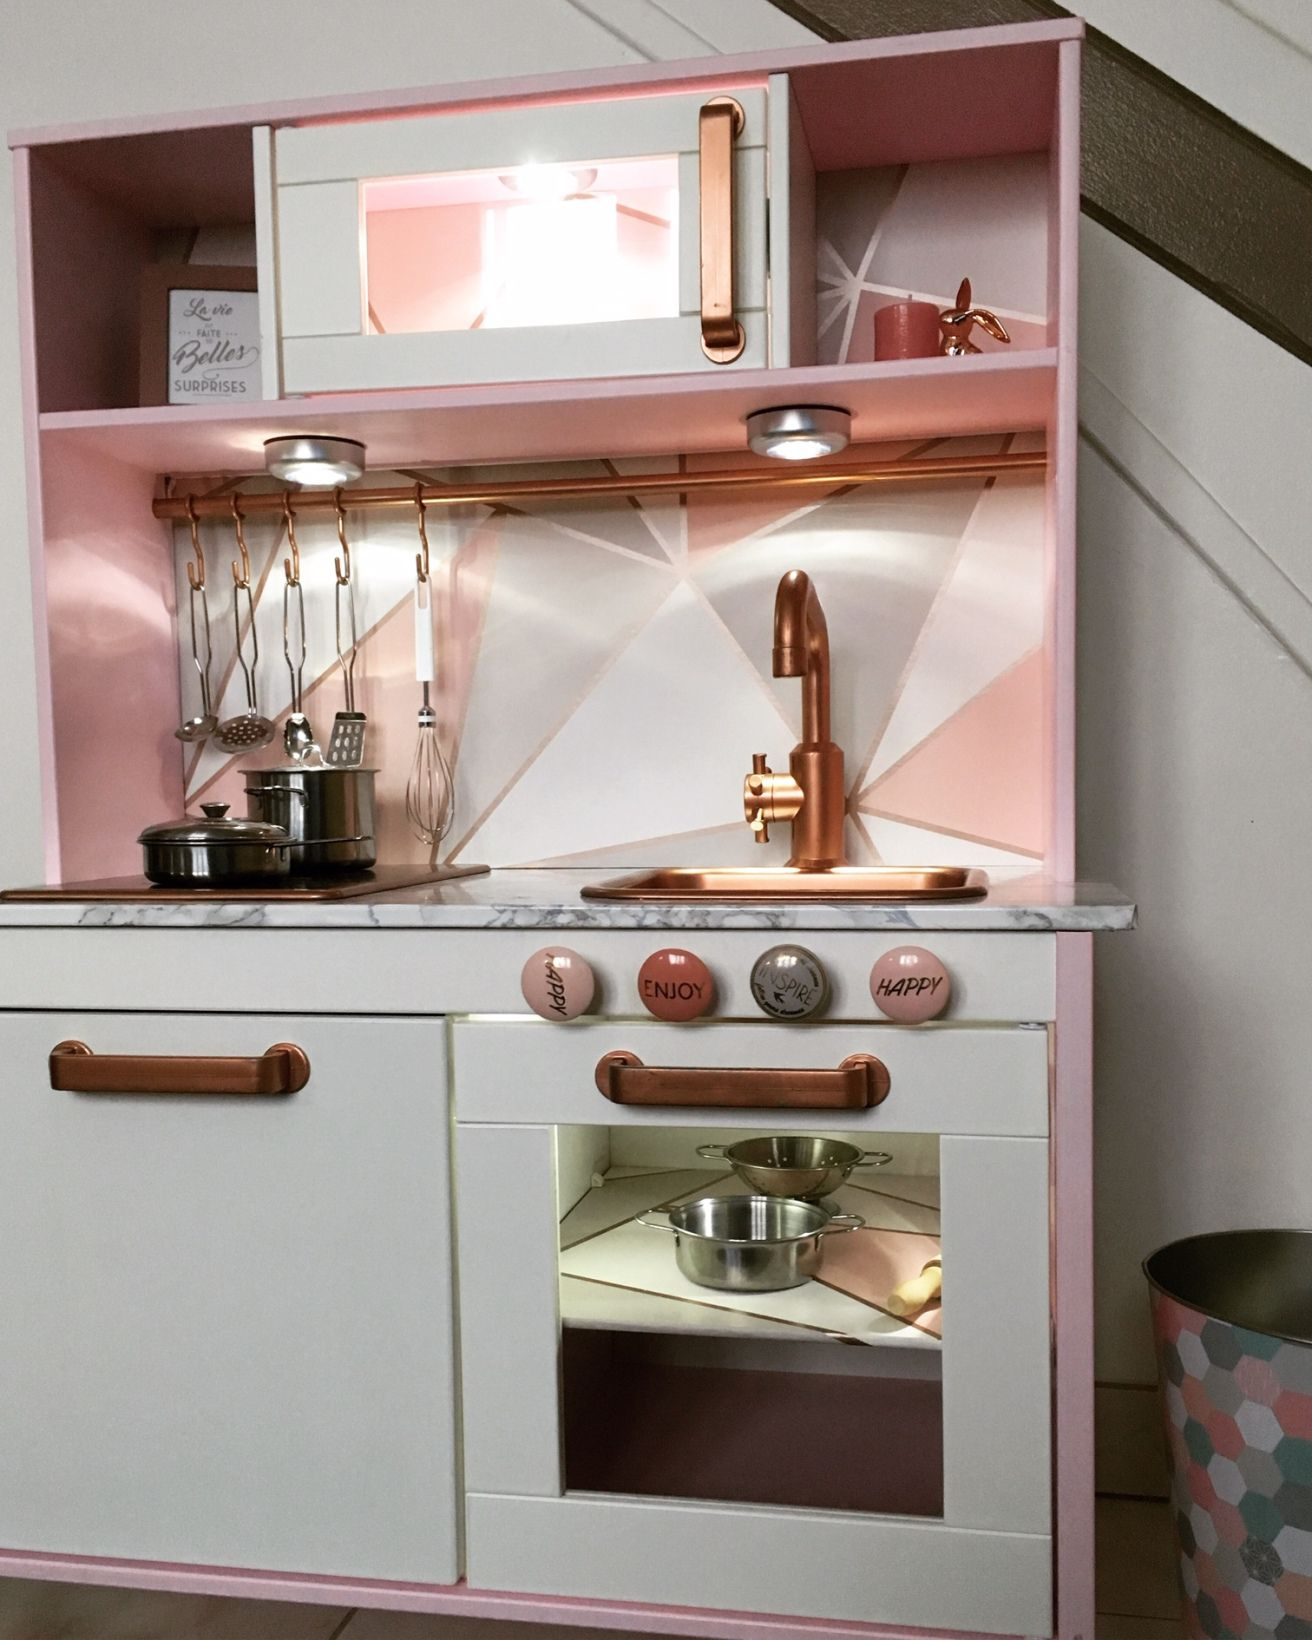 Diy comment customiser la cuisine en bois ikea duktig Customiser meuble ikea